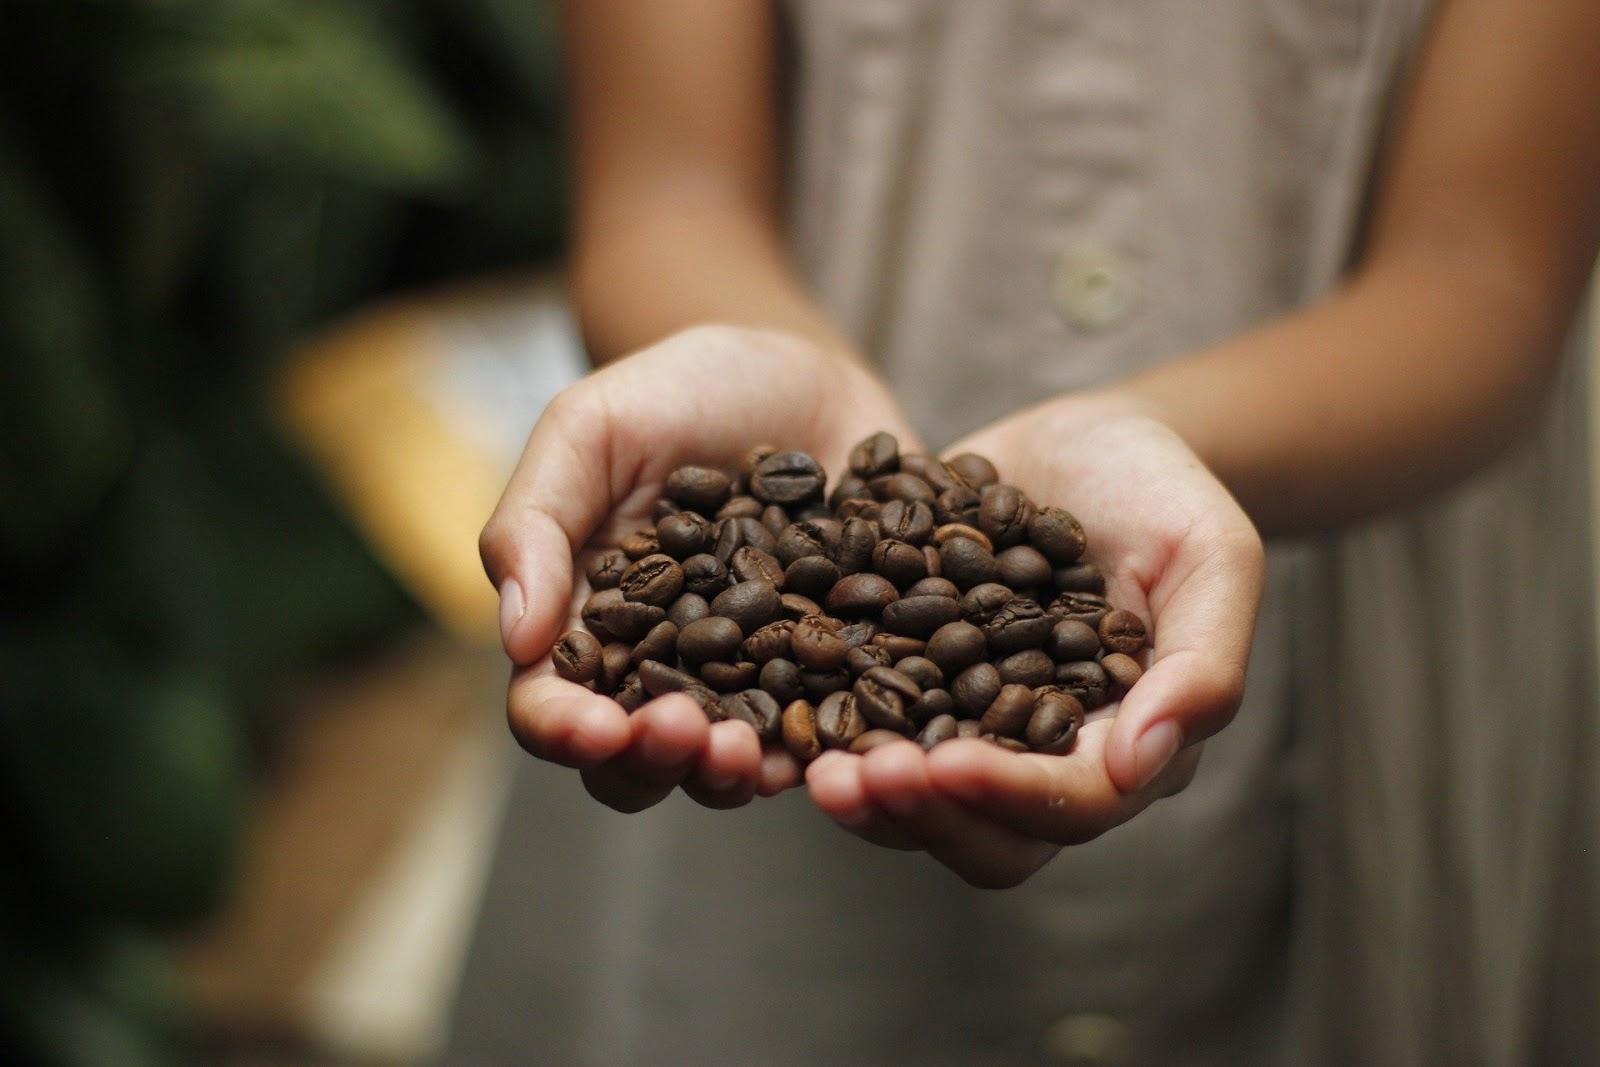 Parhaat vinkit parhaiden cappuccinojen valmistukseen